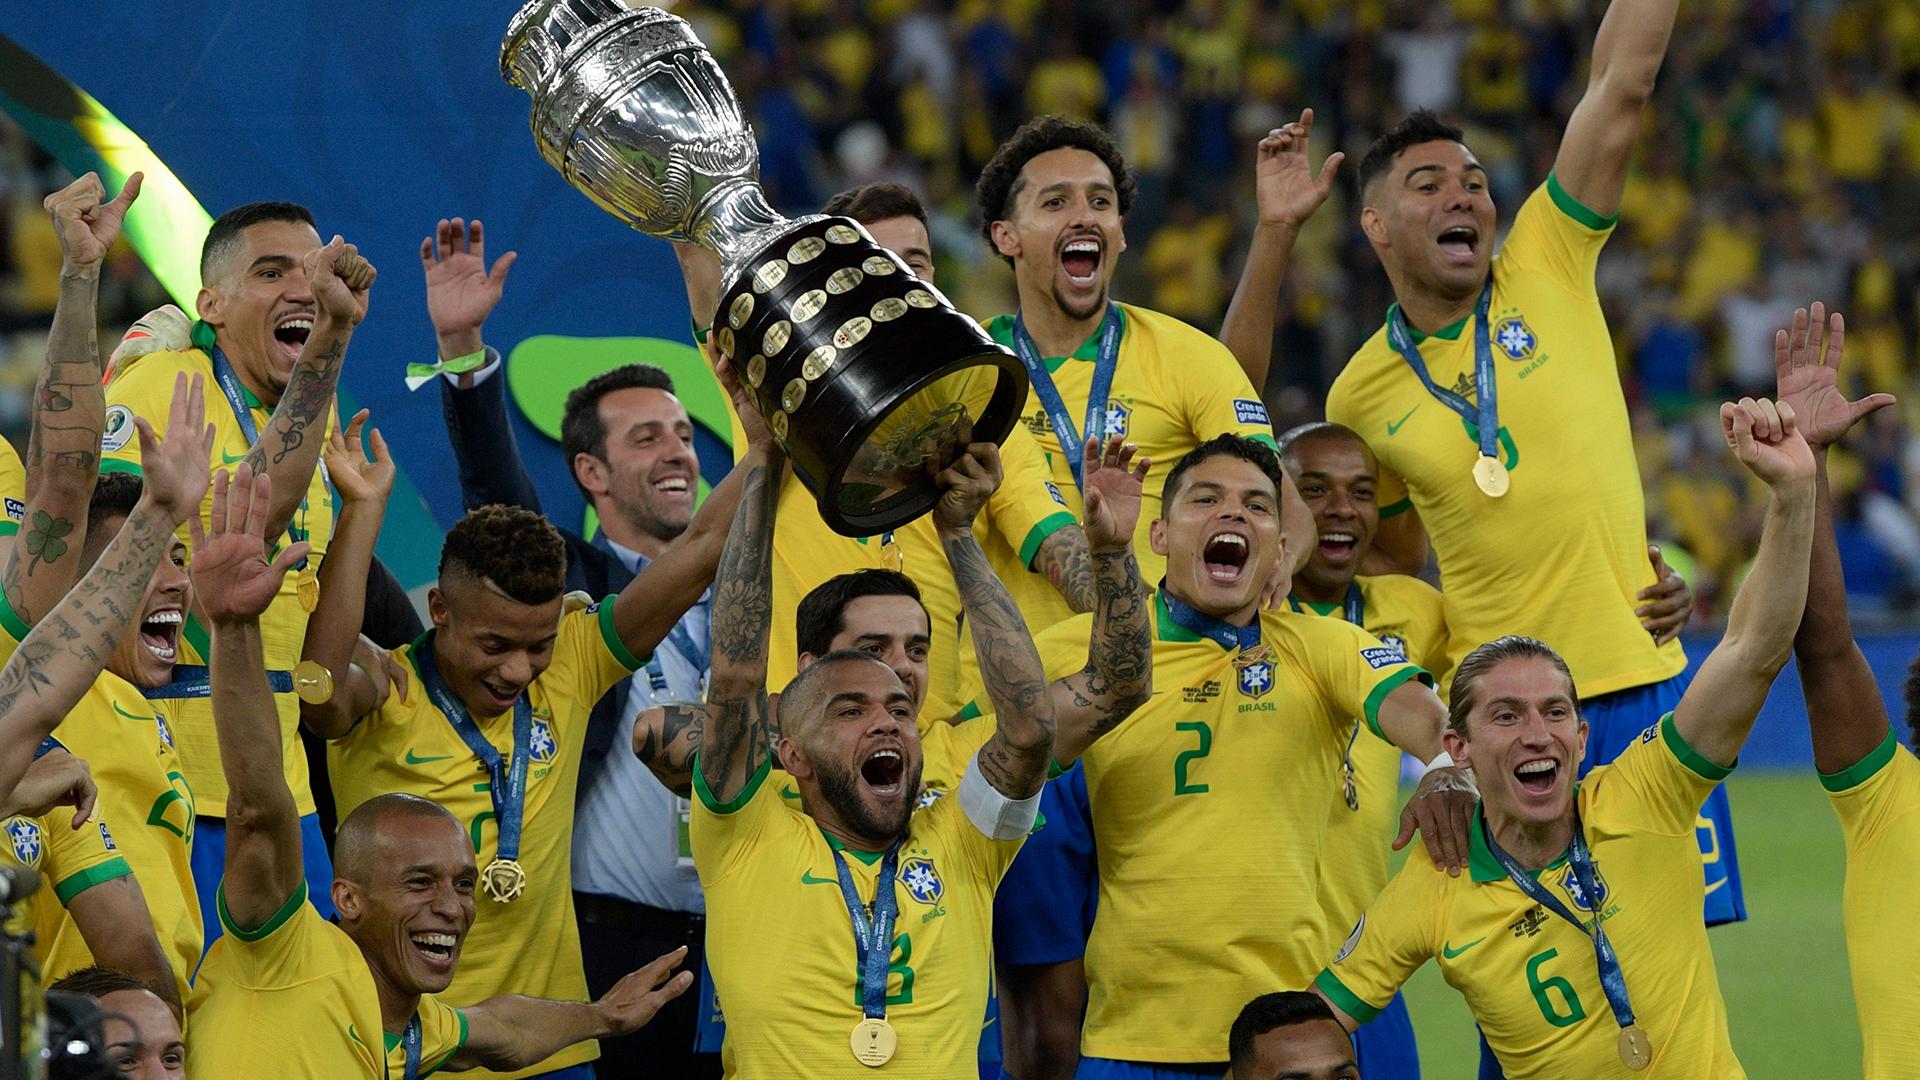 كوپا أمريكا.. البرازيل تبدد المخاوف وتحسم الاستضافة